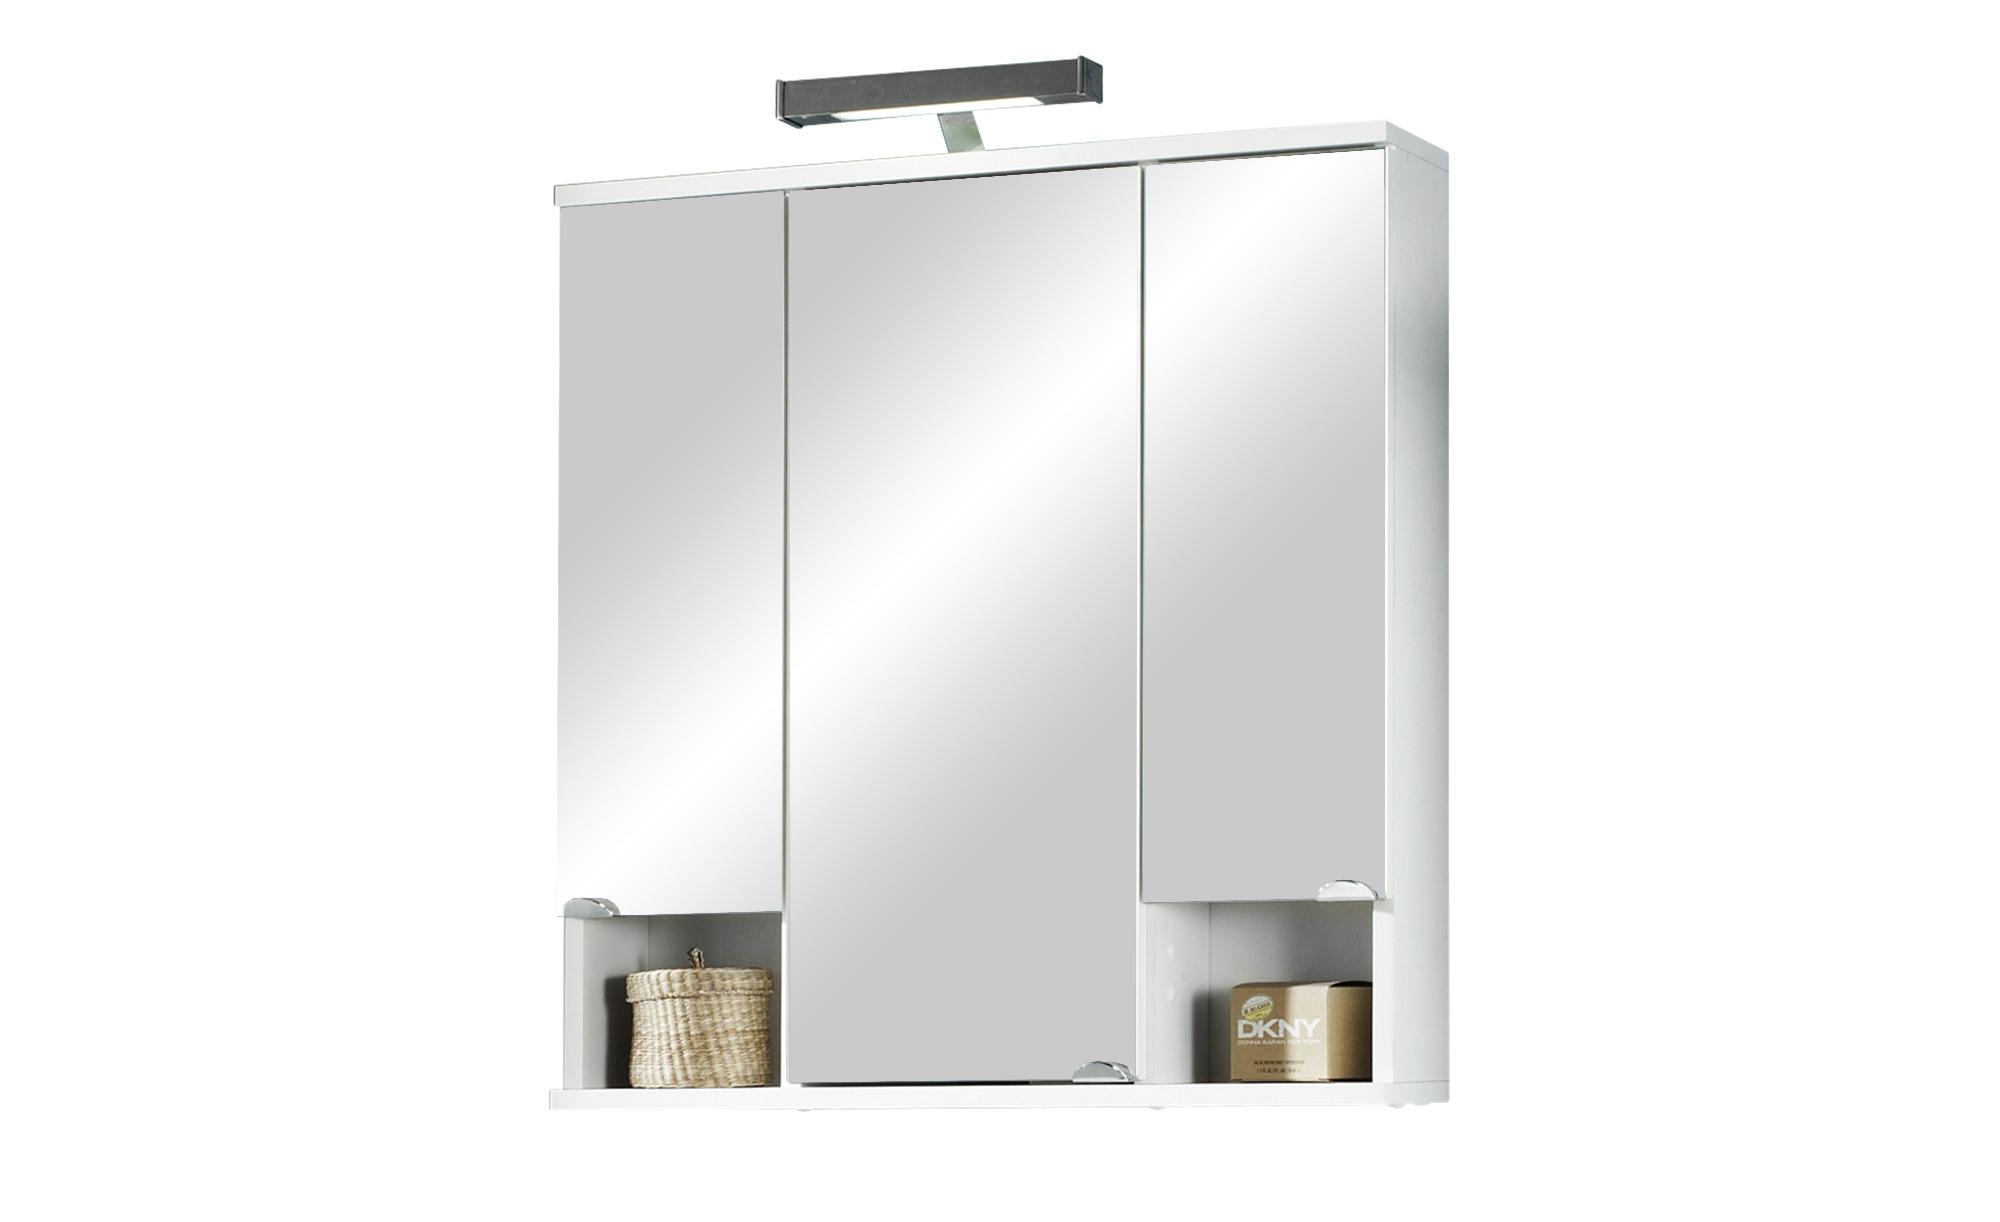 Bad-Spiegelschrank 3-türig - 67 cm - 73 cm - 16,5 cm - Schränke > Badschränke > Spiegelschränke - Möbel Kraft   Bad > Spiegel fürs Bad > Badspiegel   Möbel Kraft